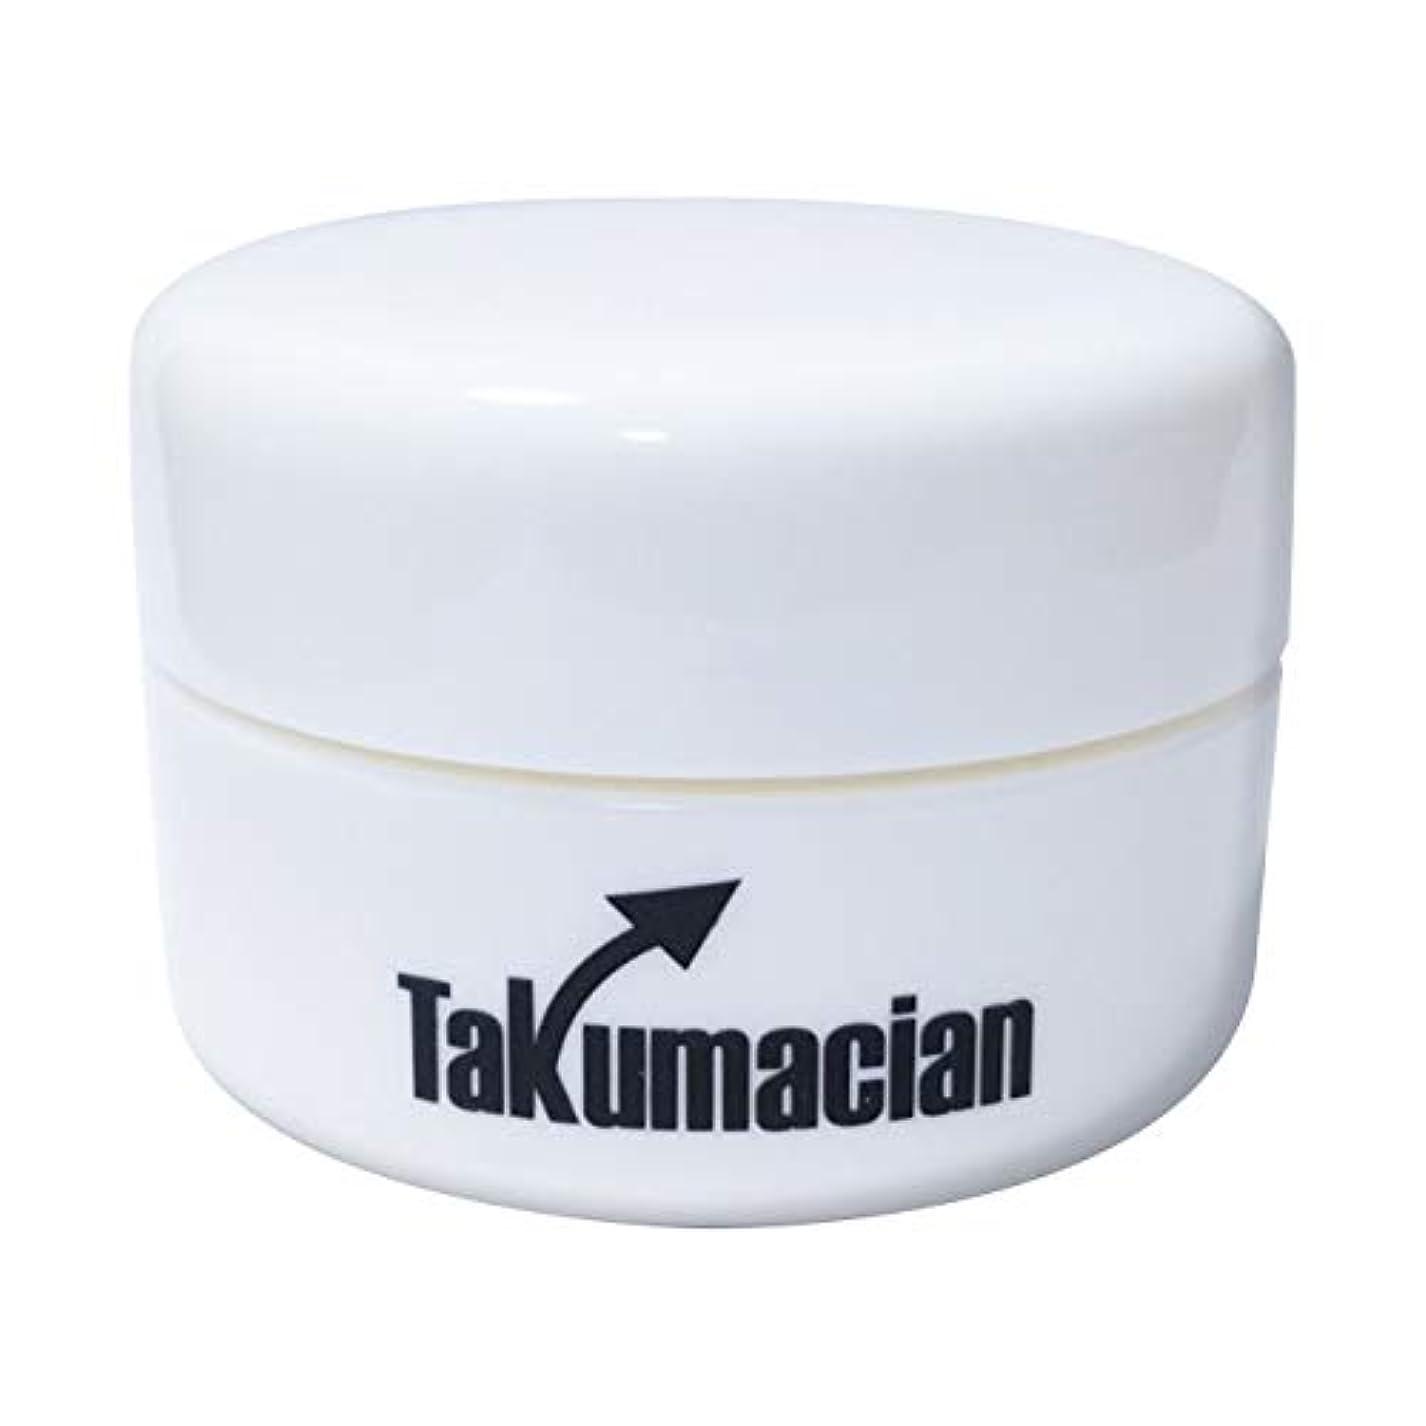 増強するブレーキスリルTakumacian タクマシアン ボディ用クリーム 男性用 長持ち 自信